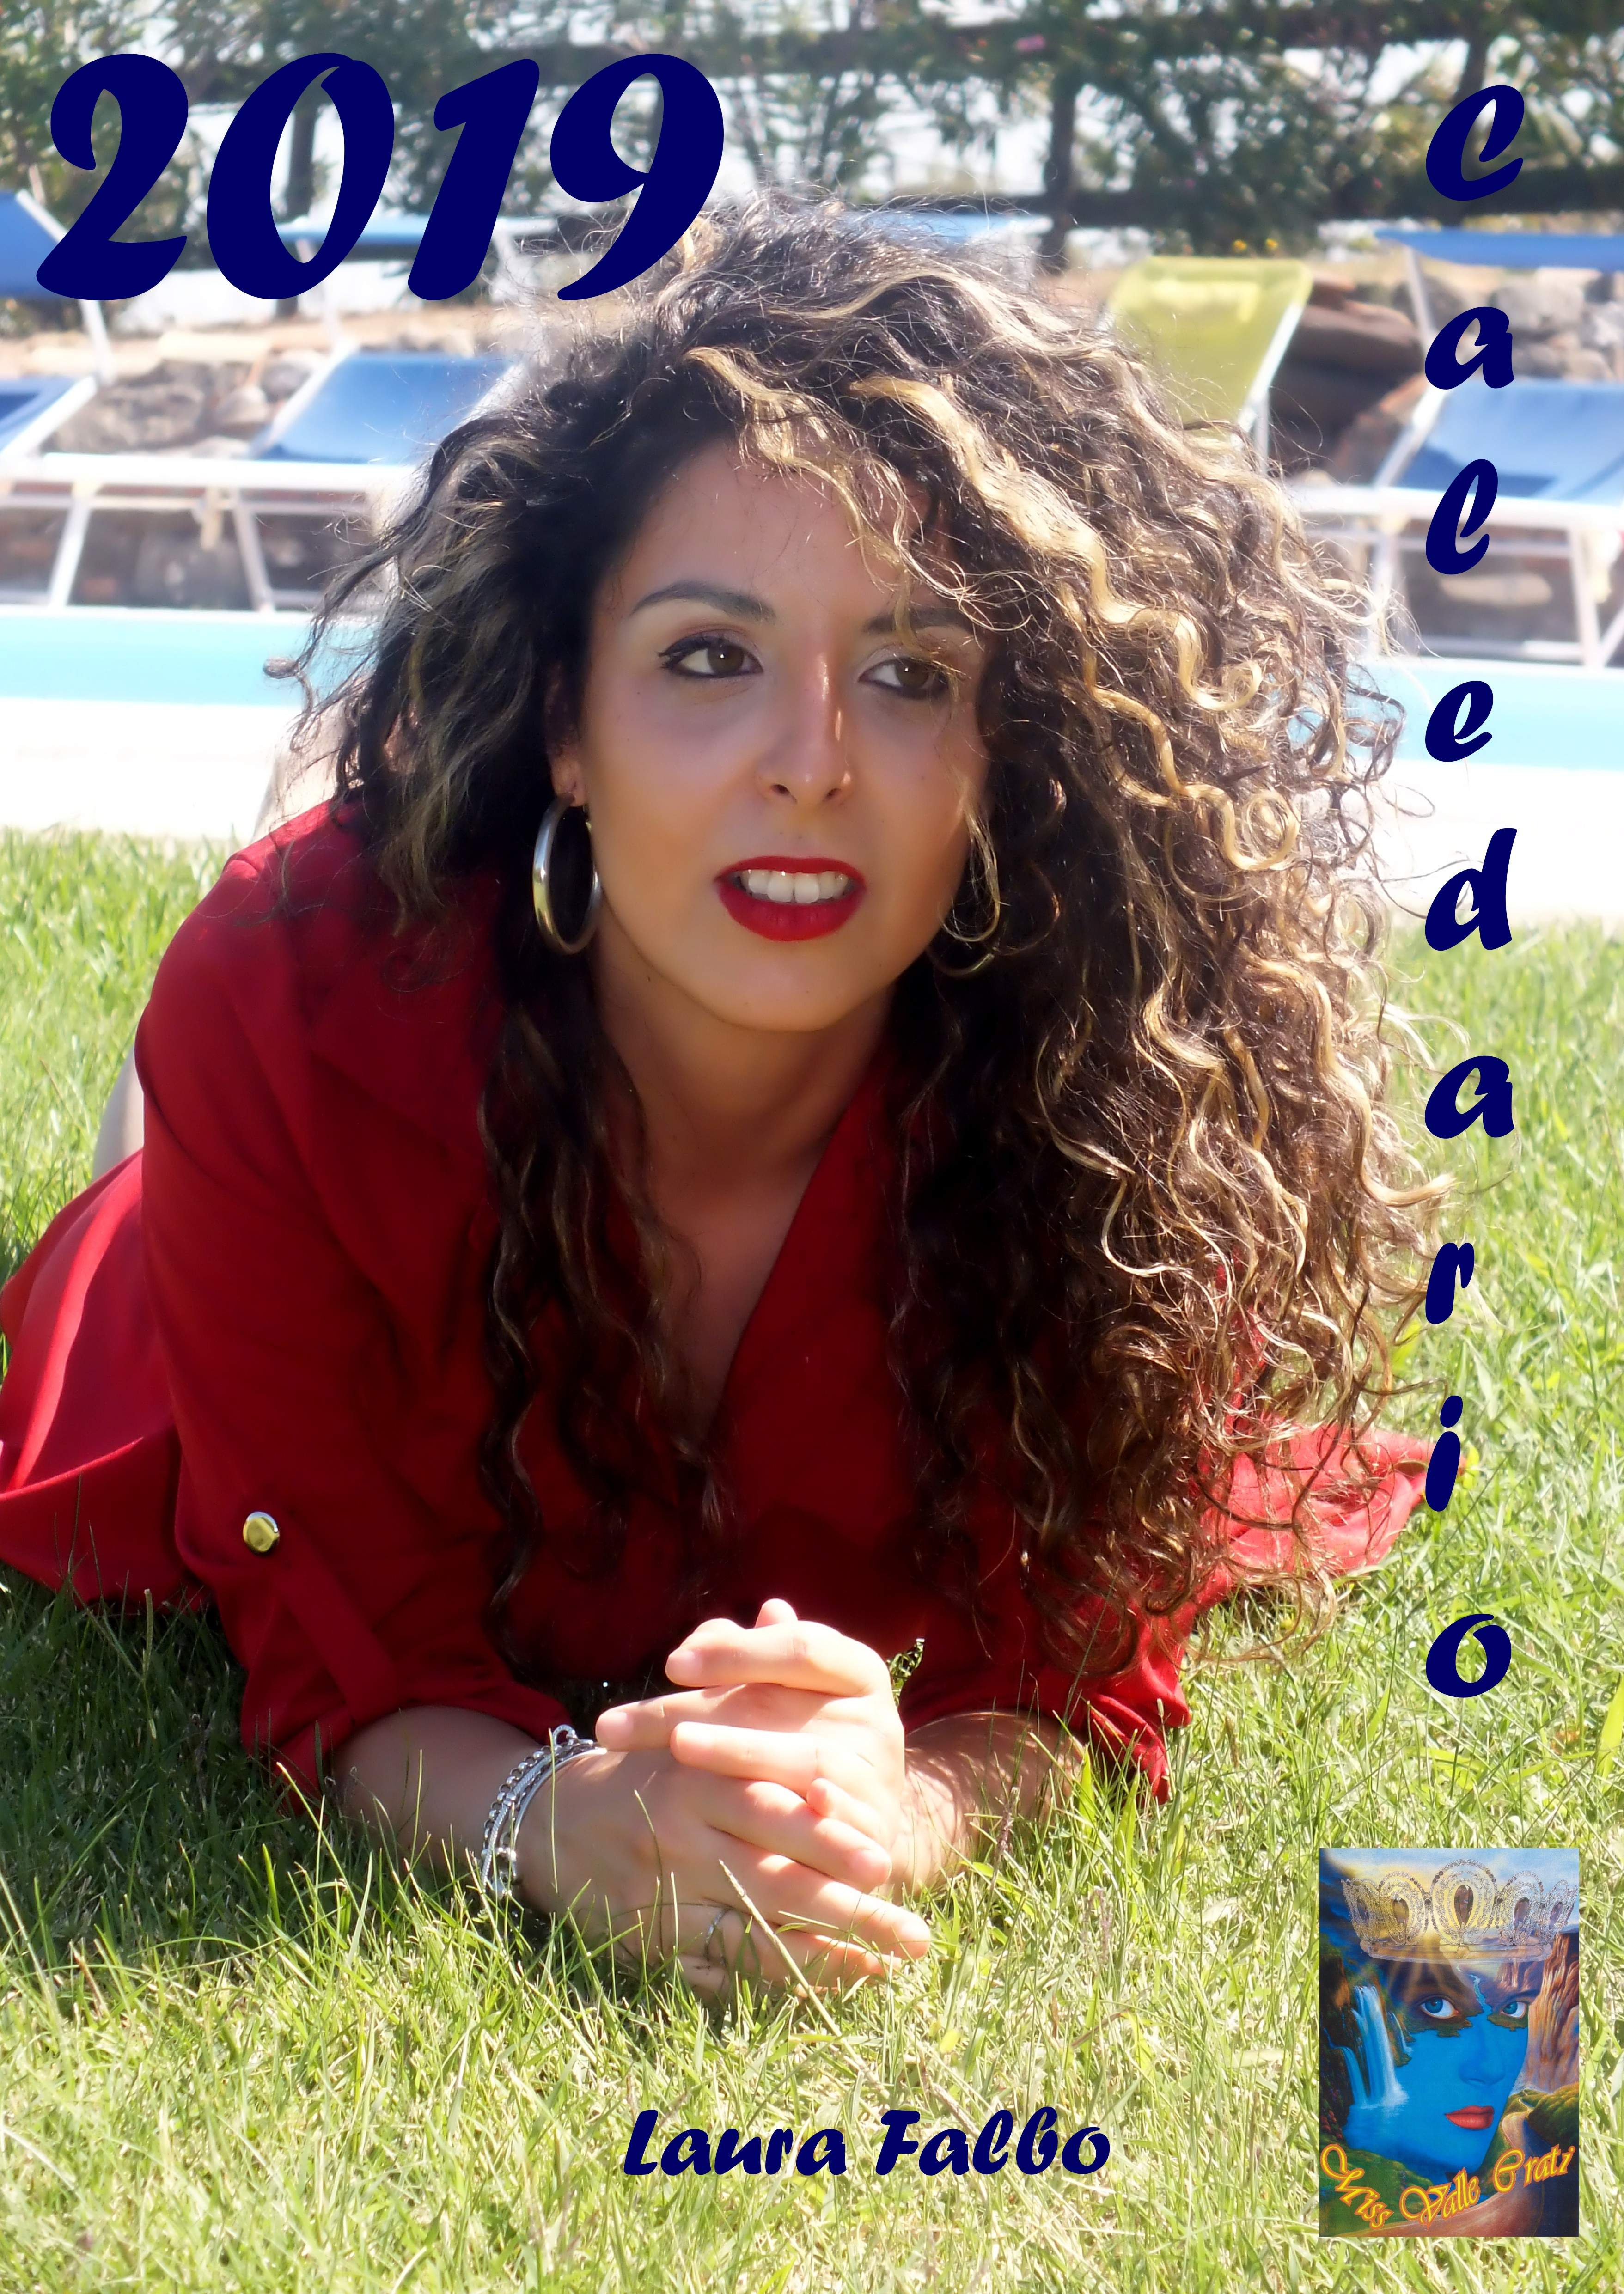 Calendario Laura.Il Volto Del Calendario 2019 E Laura Falbo